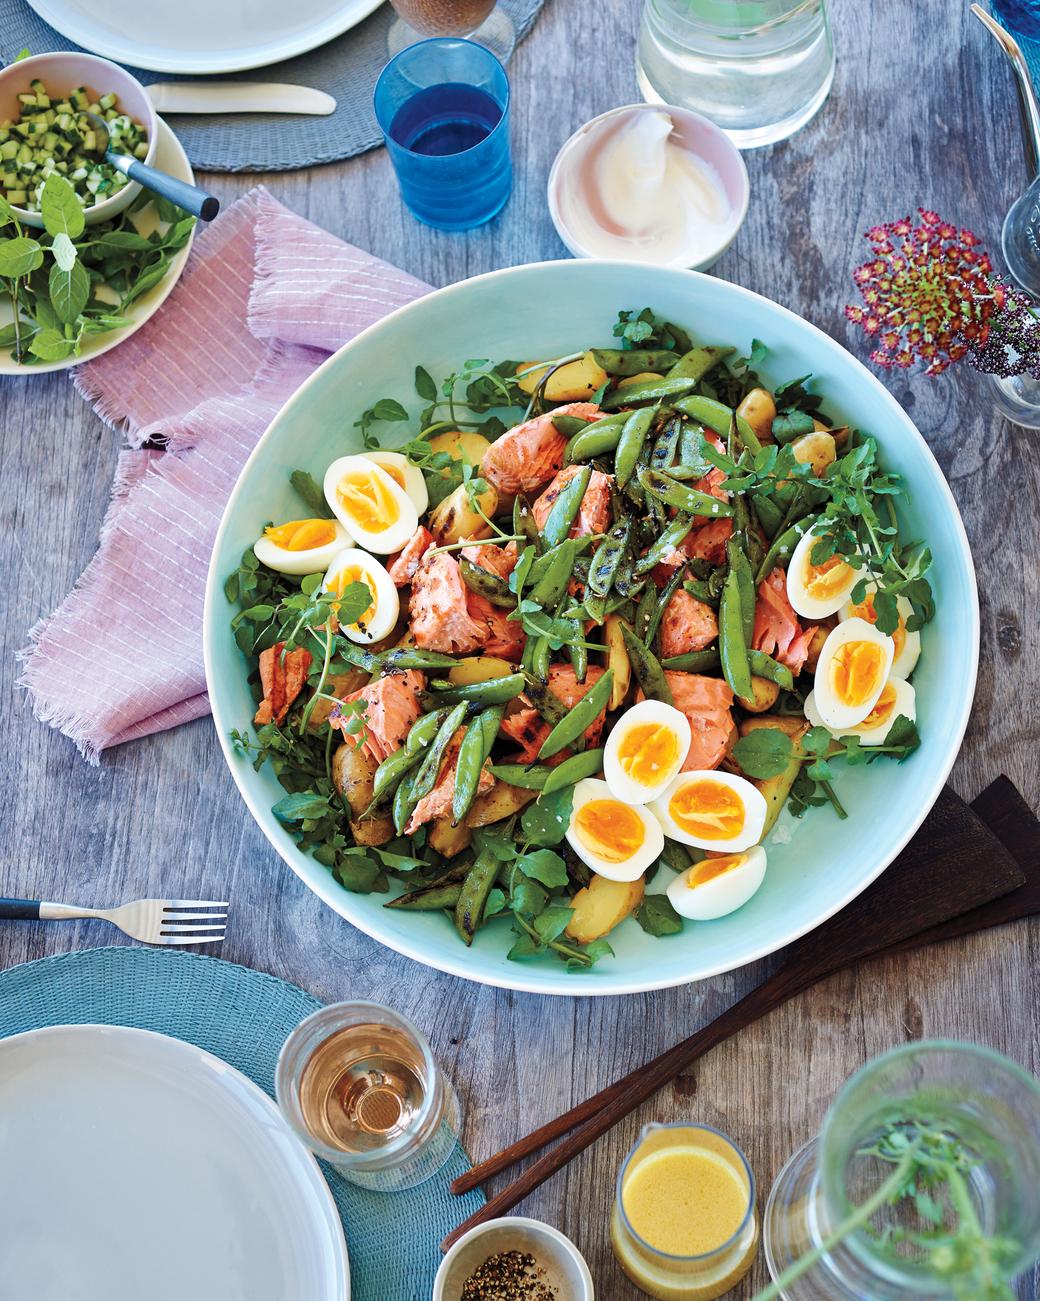 http://www.marthastewart.com/1118952/grilled-salmon-salad